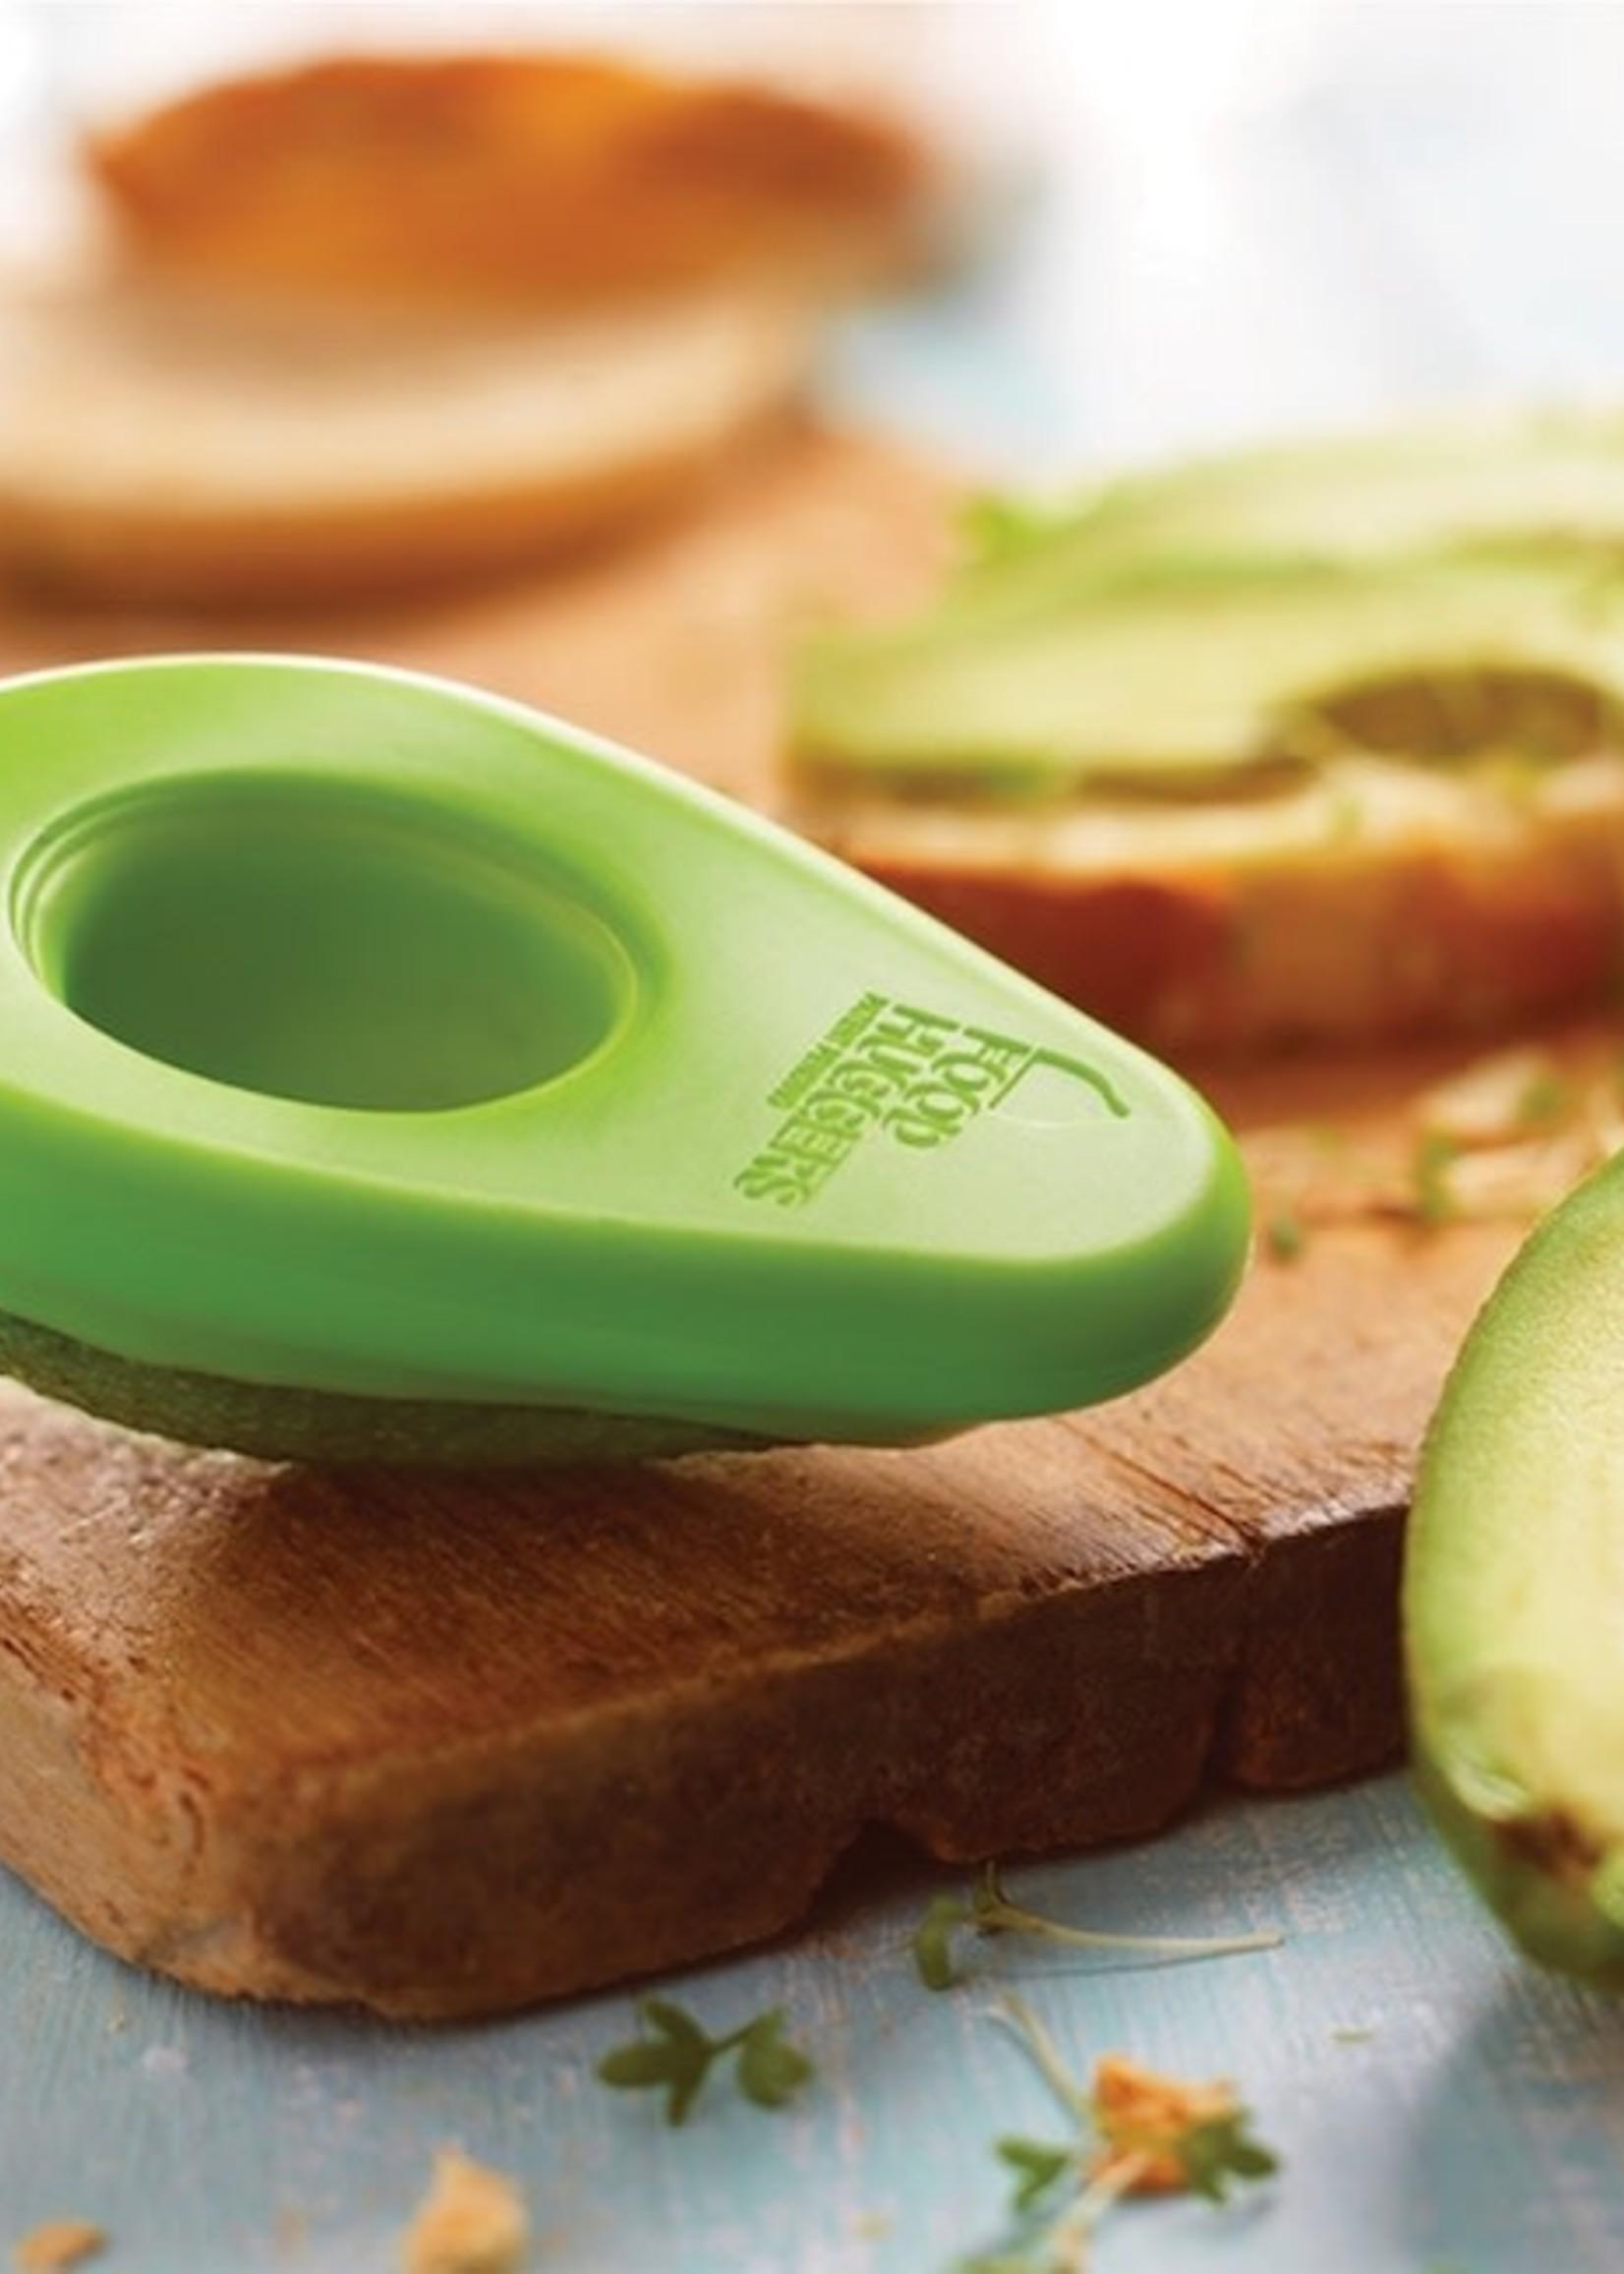 Food Huggers Avocado Hugger | Avocado Storage